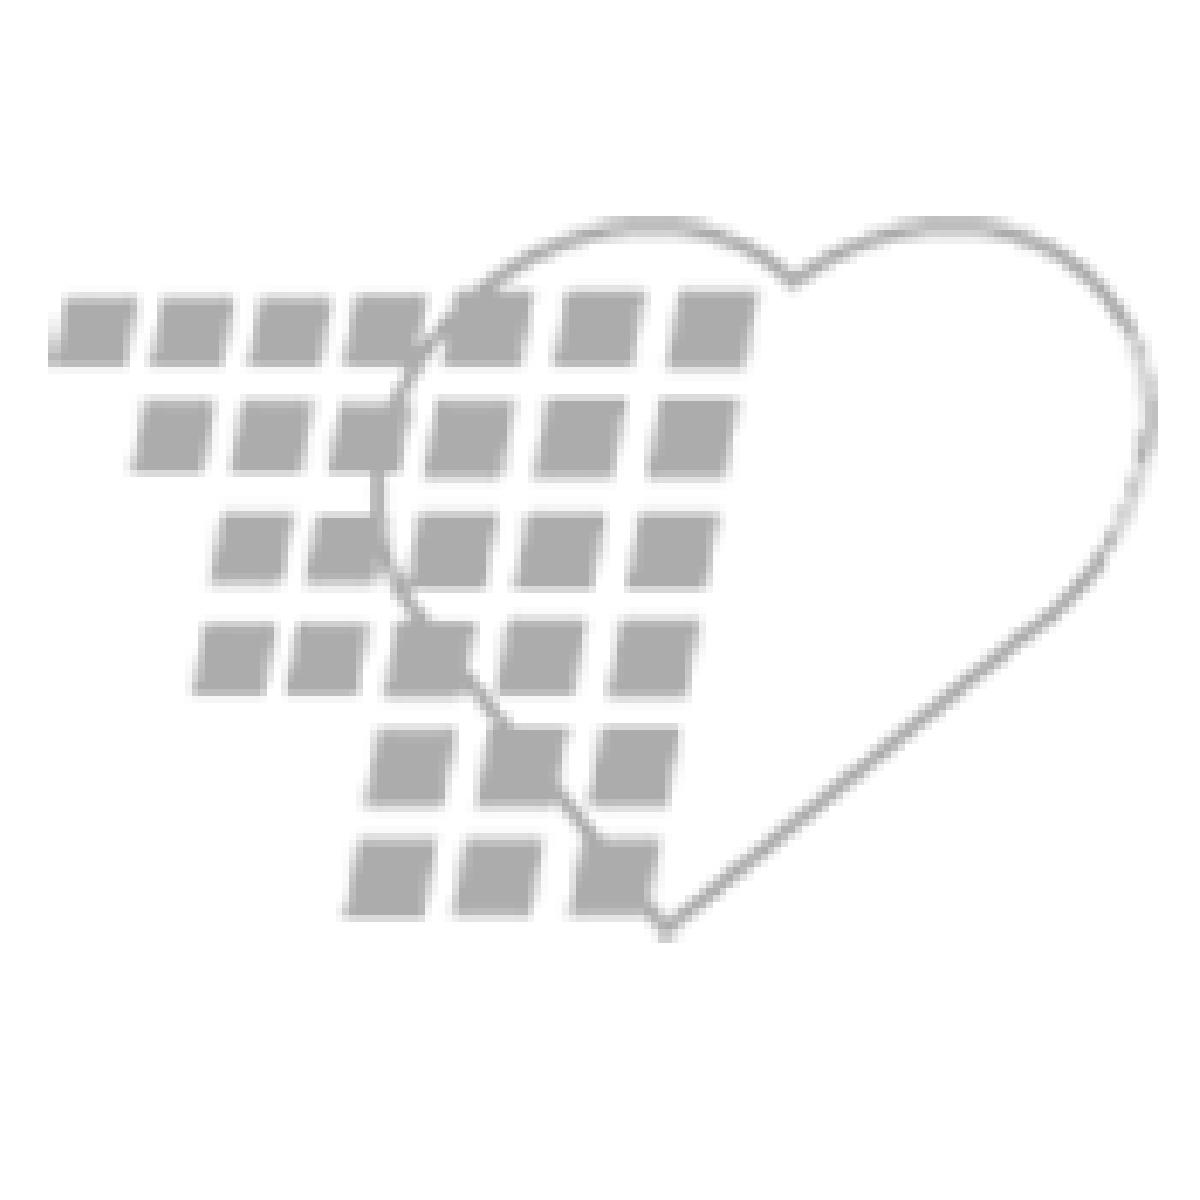 11-81-0006-BGESM - SimSleeves® Pair - Small Beige